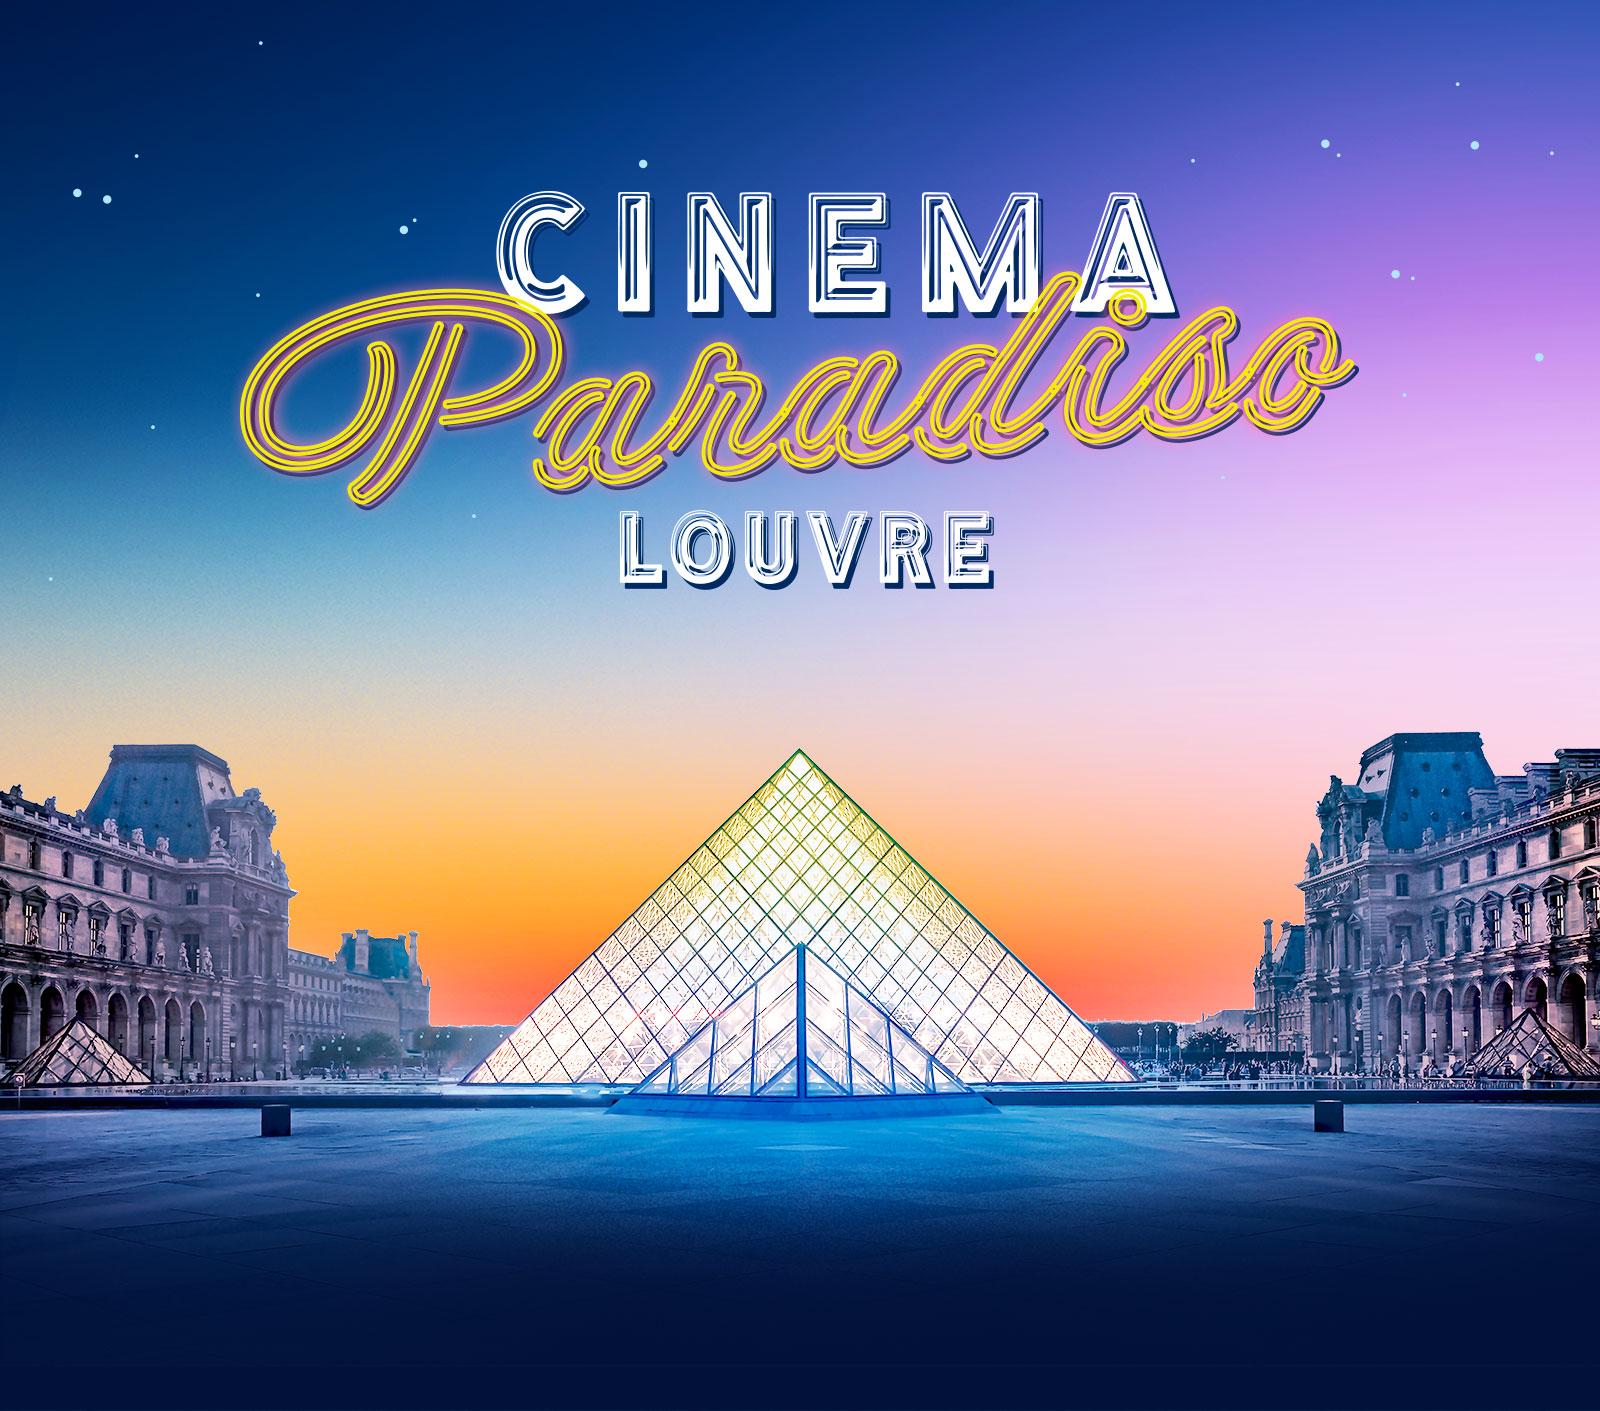 Séance de cinéma en plein air gratuit (30 ans du Louvre) - Cinema Paradiso Louvre Paris (75)